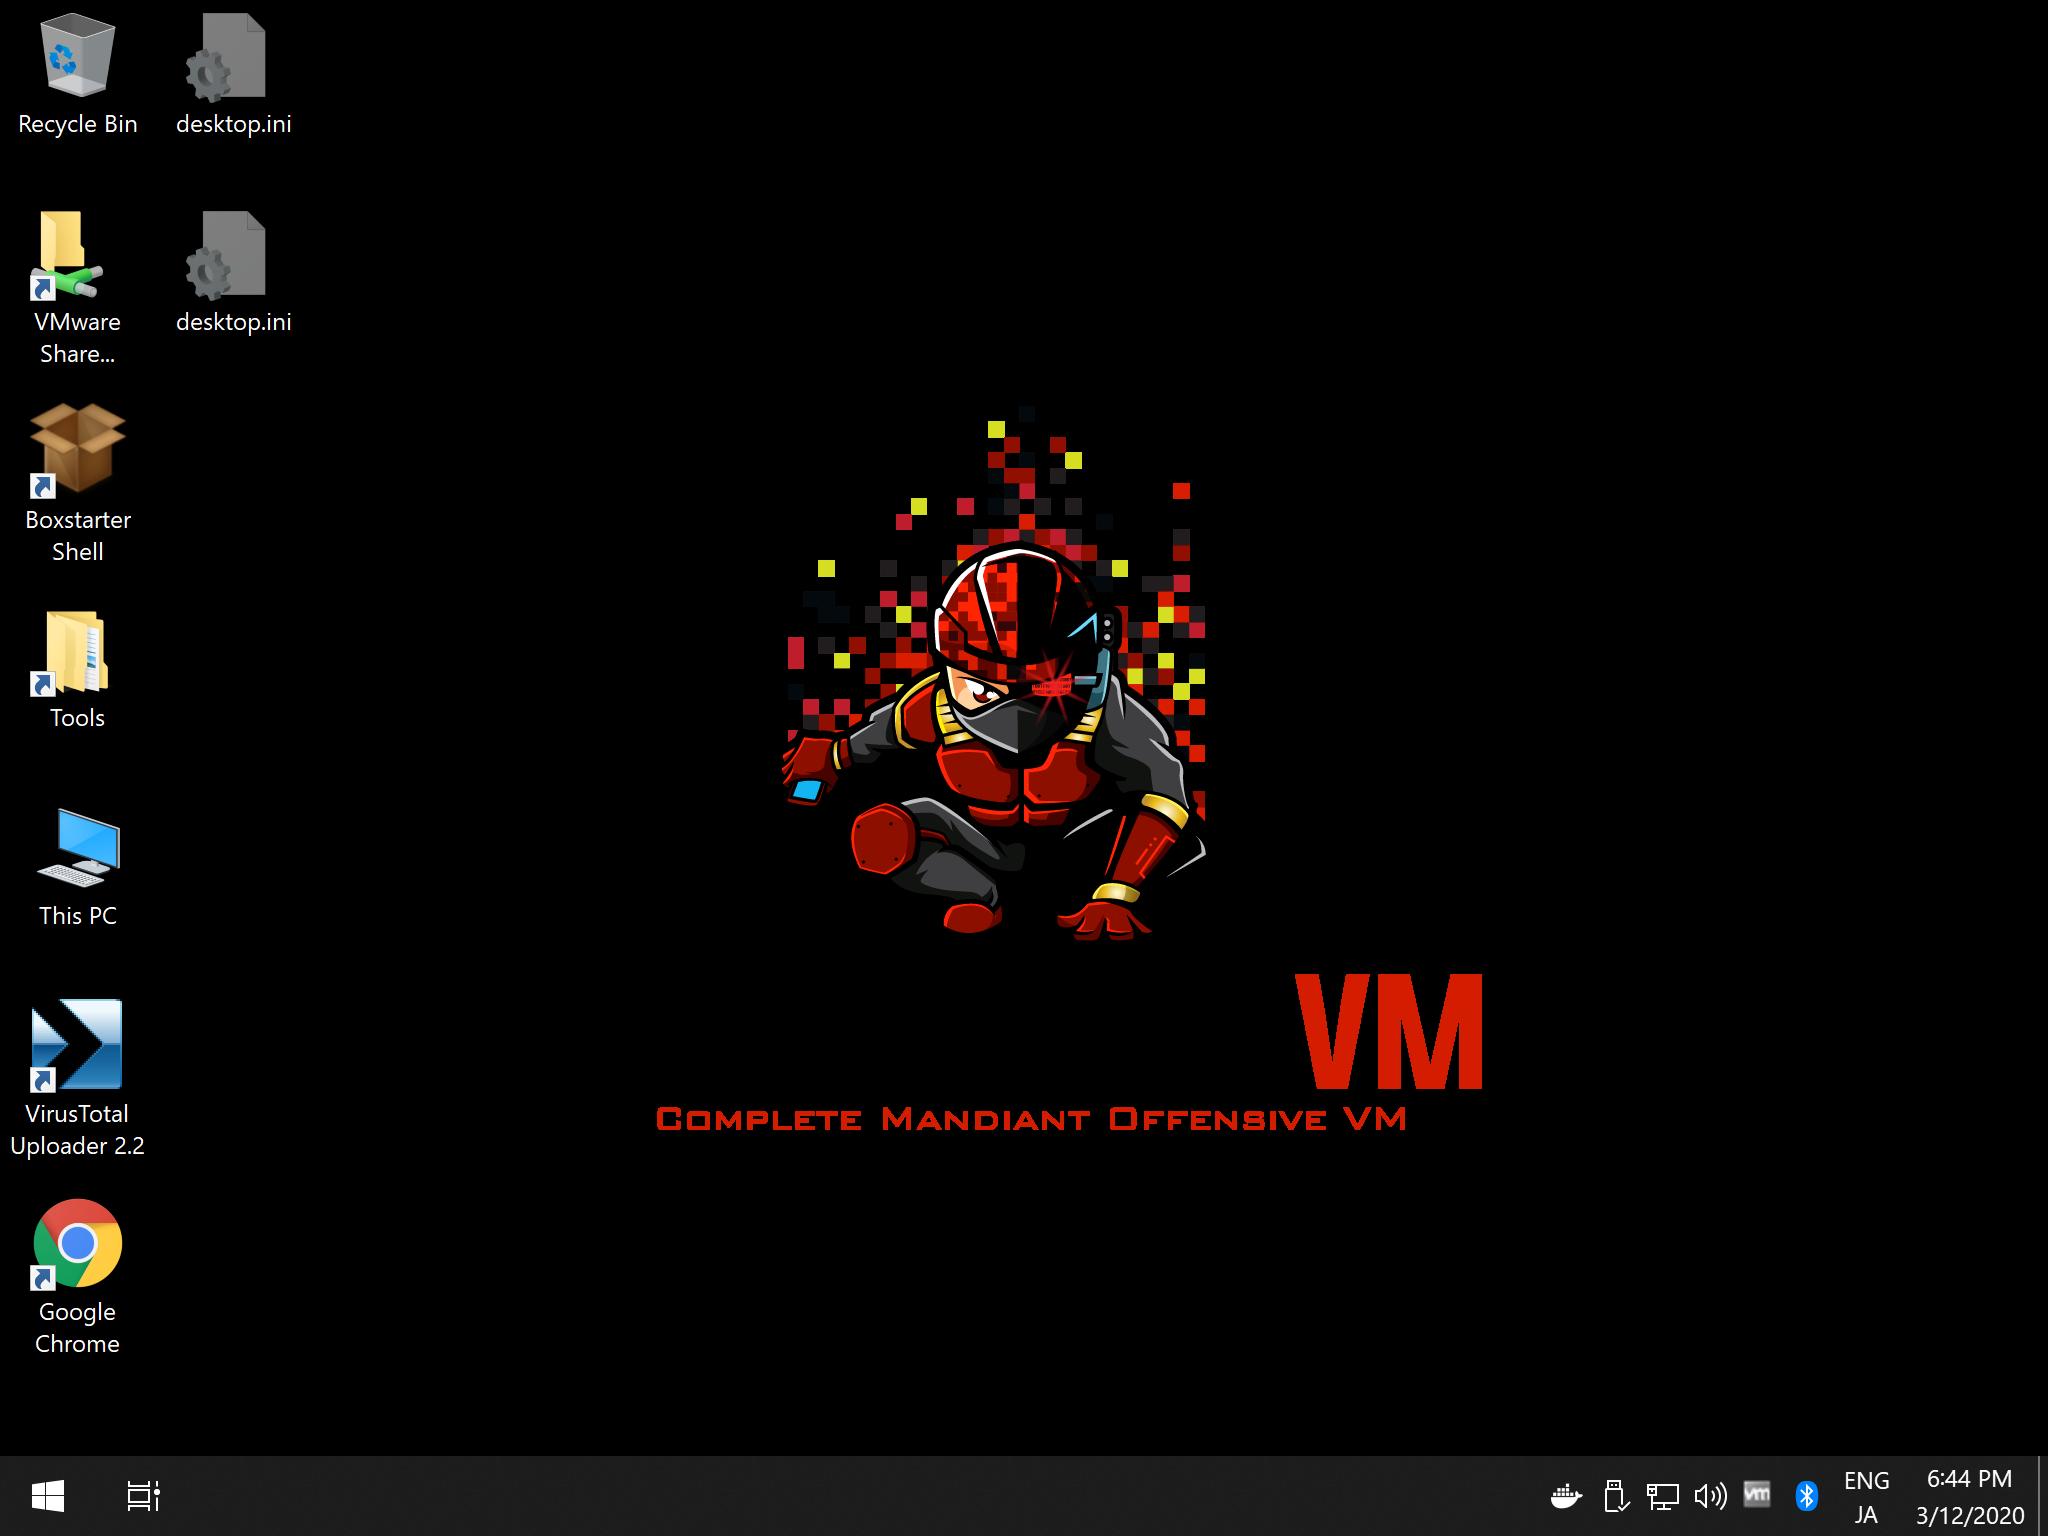 CommandoVM_Desktop.png